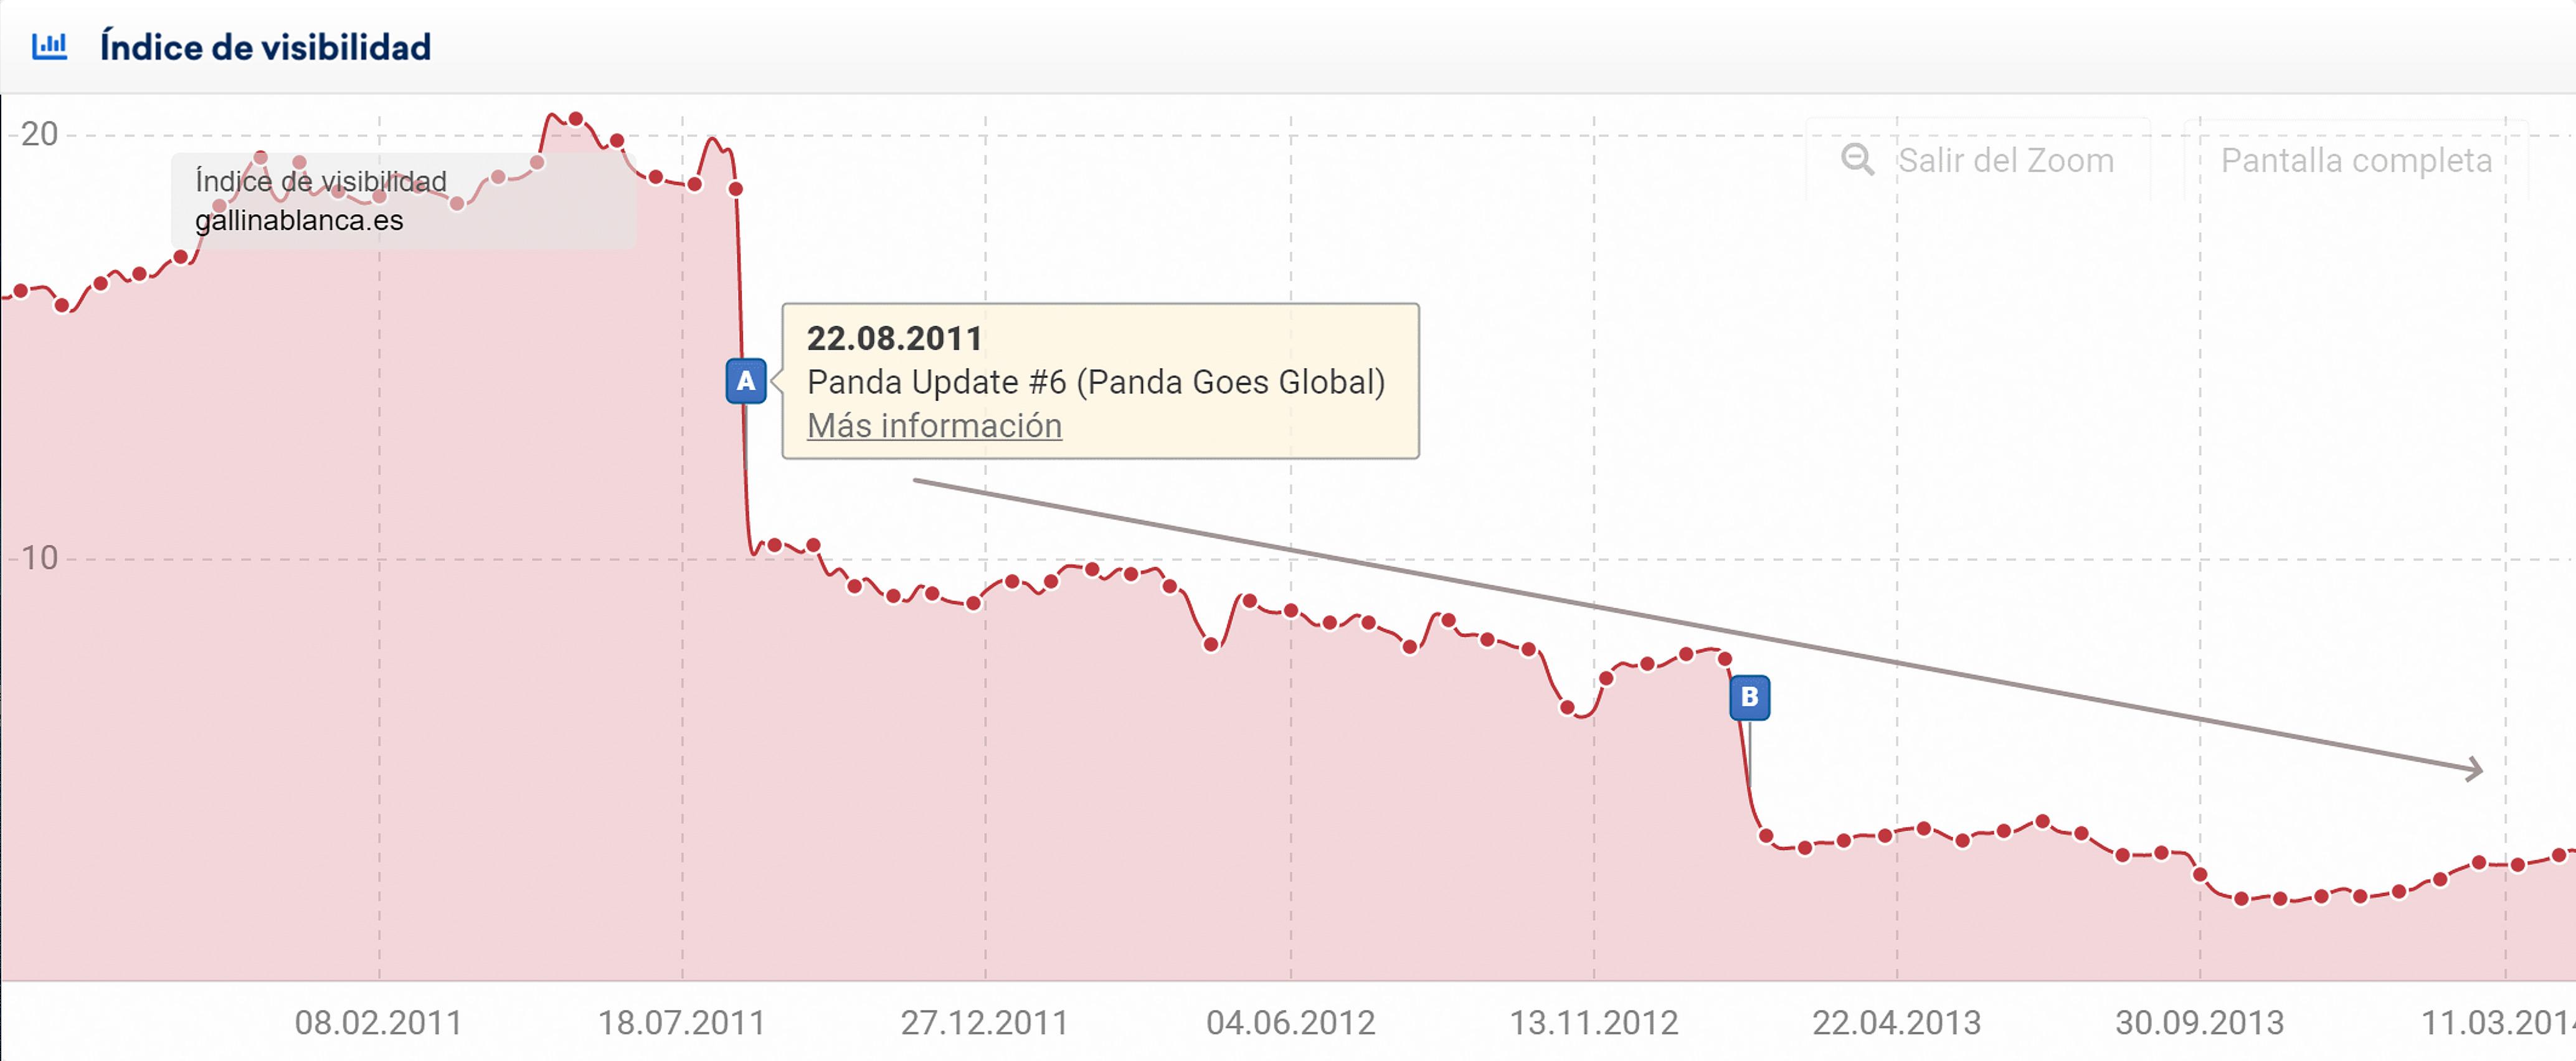 Una notable tendencia a la baja en el índice de Visibilidad de un dominio afectado por la actualización de Panda.